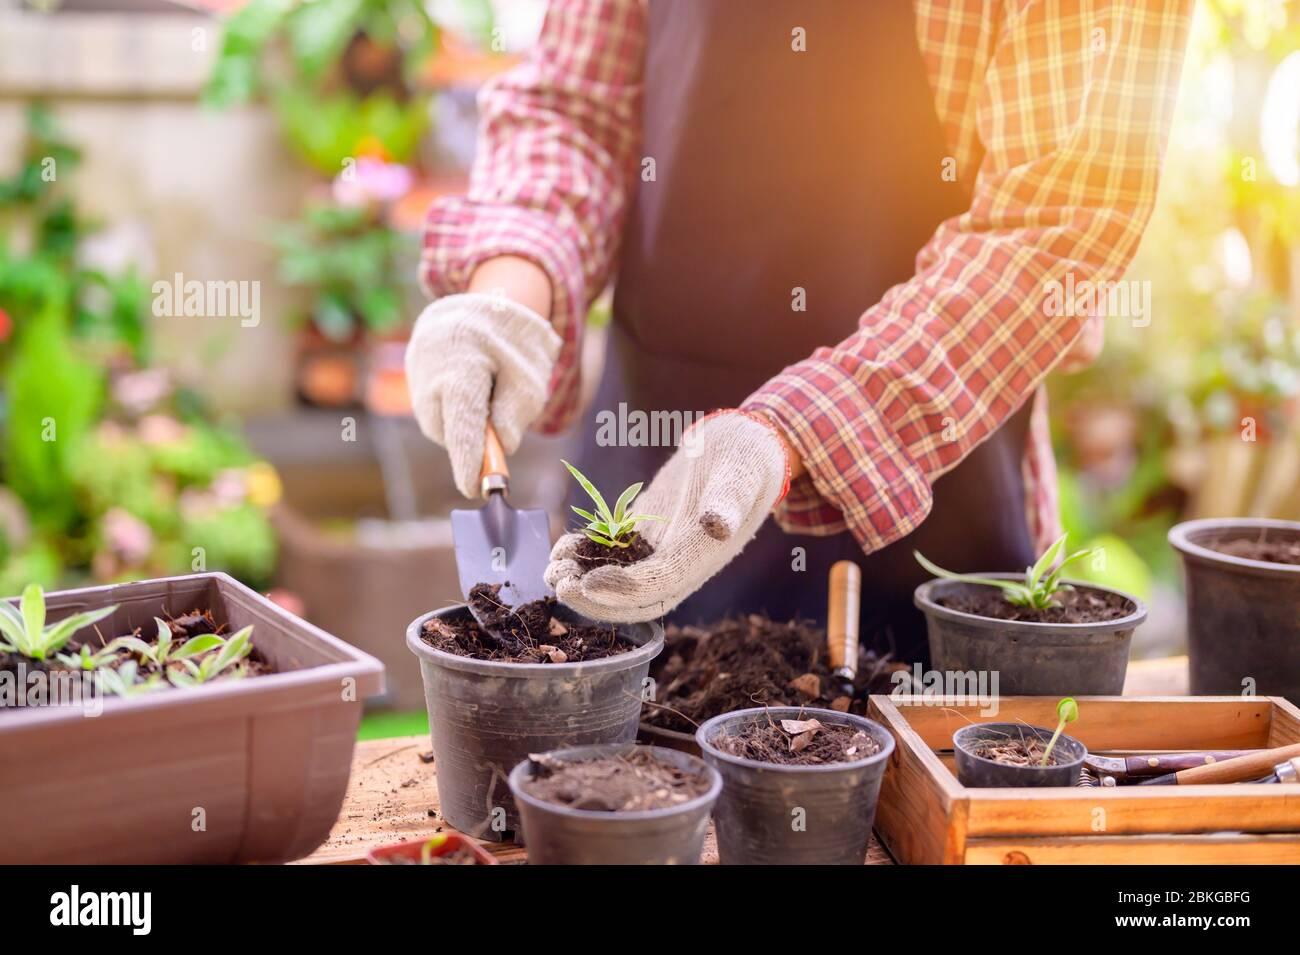 Jardinier plantant l'arbre et la croissance. Maison jardinage nature et environnement passe-temps. Détendez-vous et rédétendez-vous pendant la saison de récolte du printemps à la maison. Banque D'Images